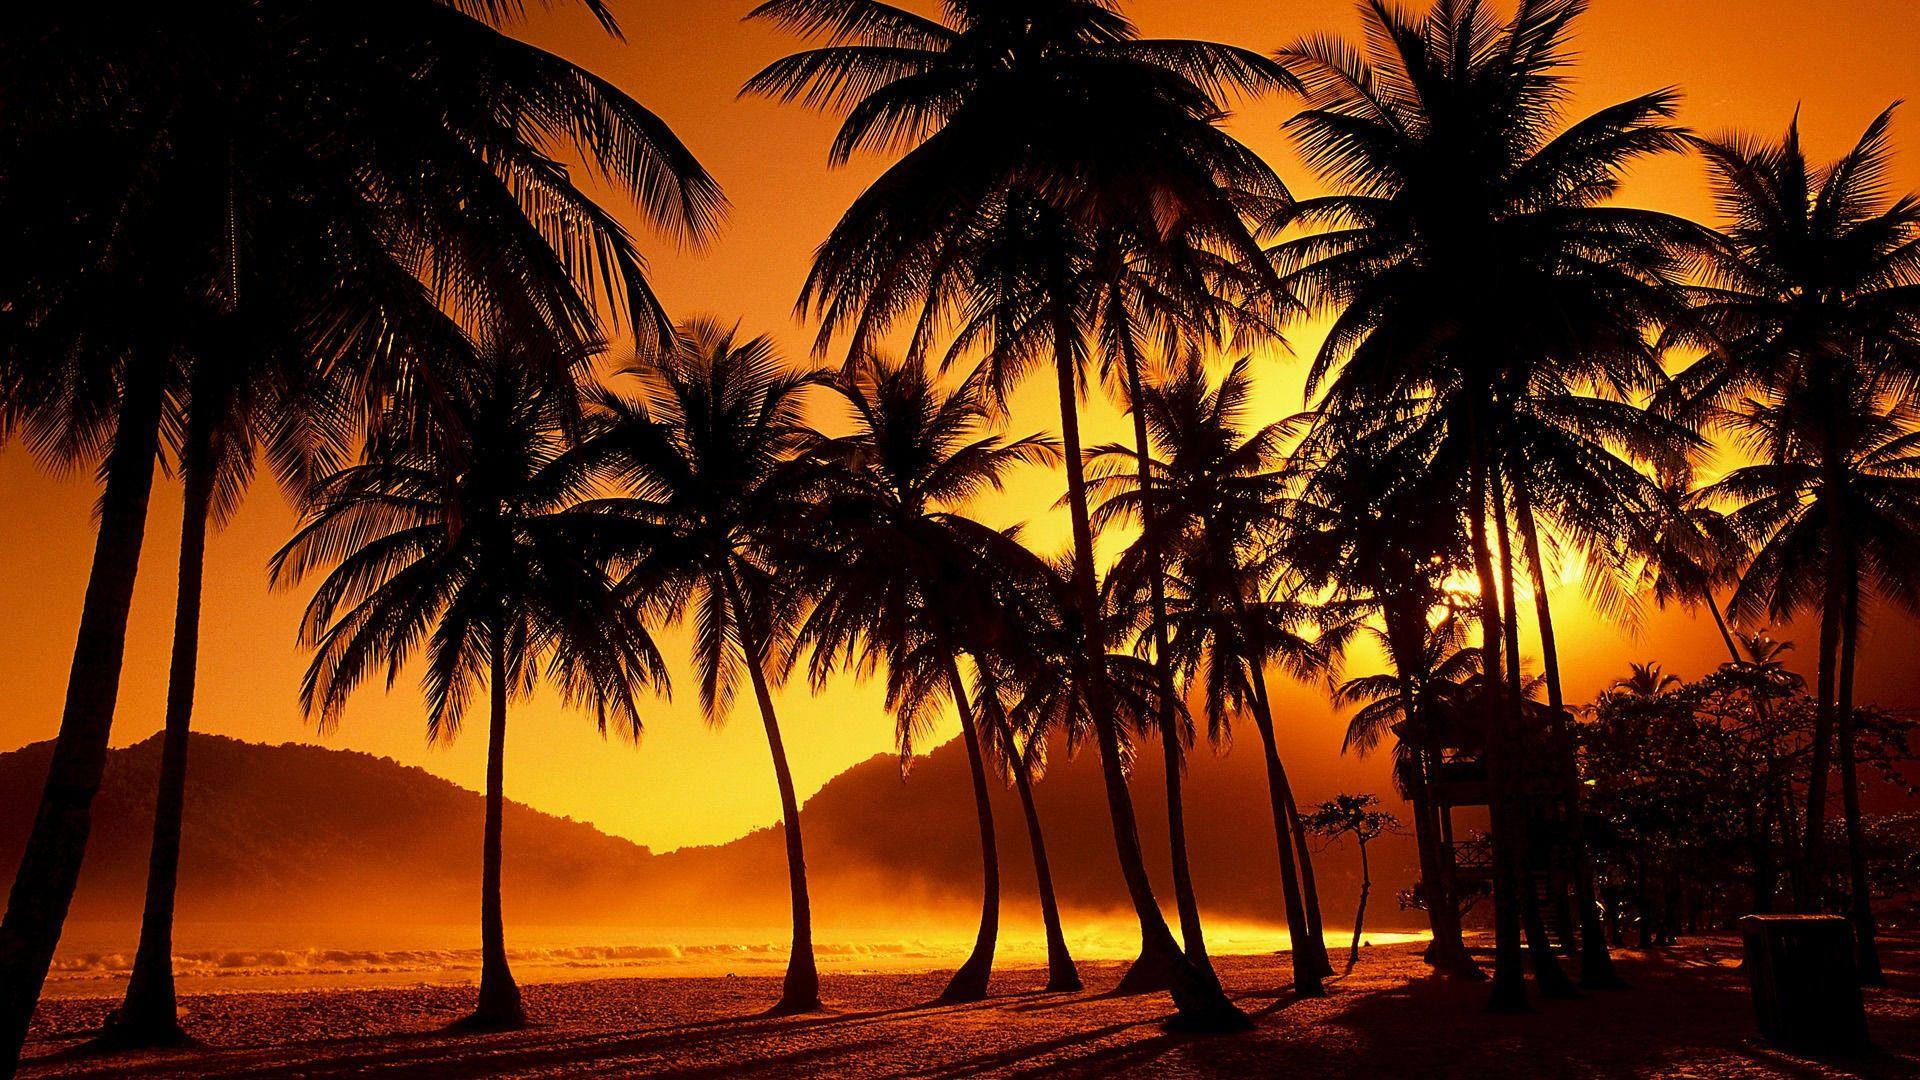 Resultat De Recherche D Images Pour Fond D Ecran 4k Pour Pc Images Palmier Coucher De Soleil Beau Coucher De Soleil